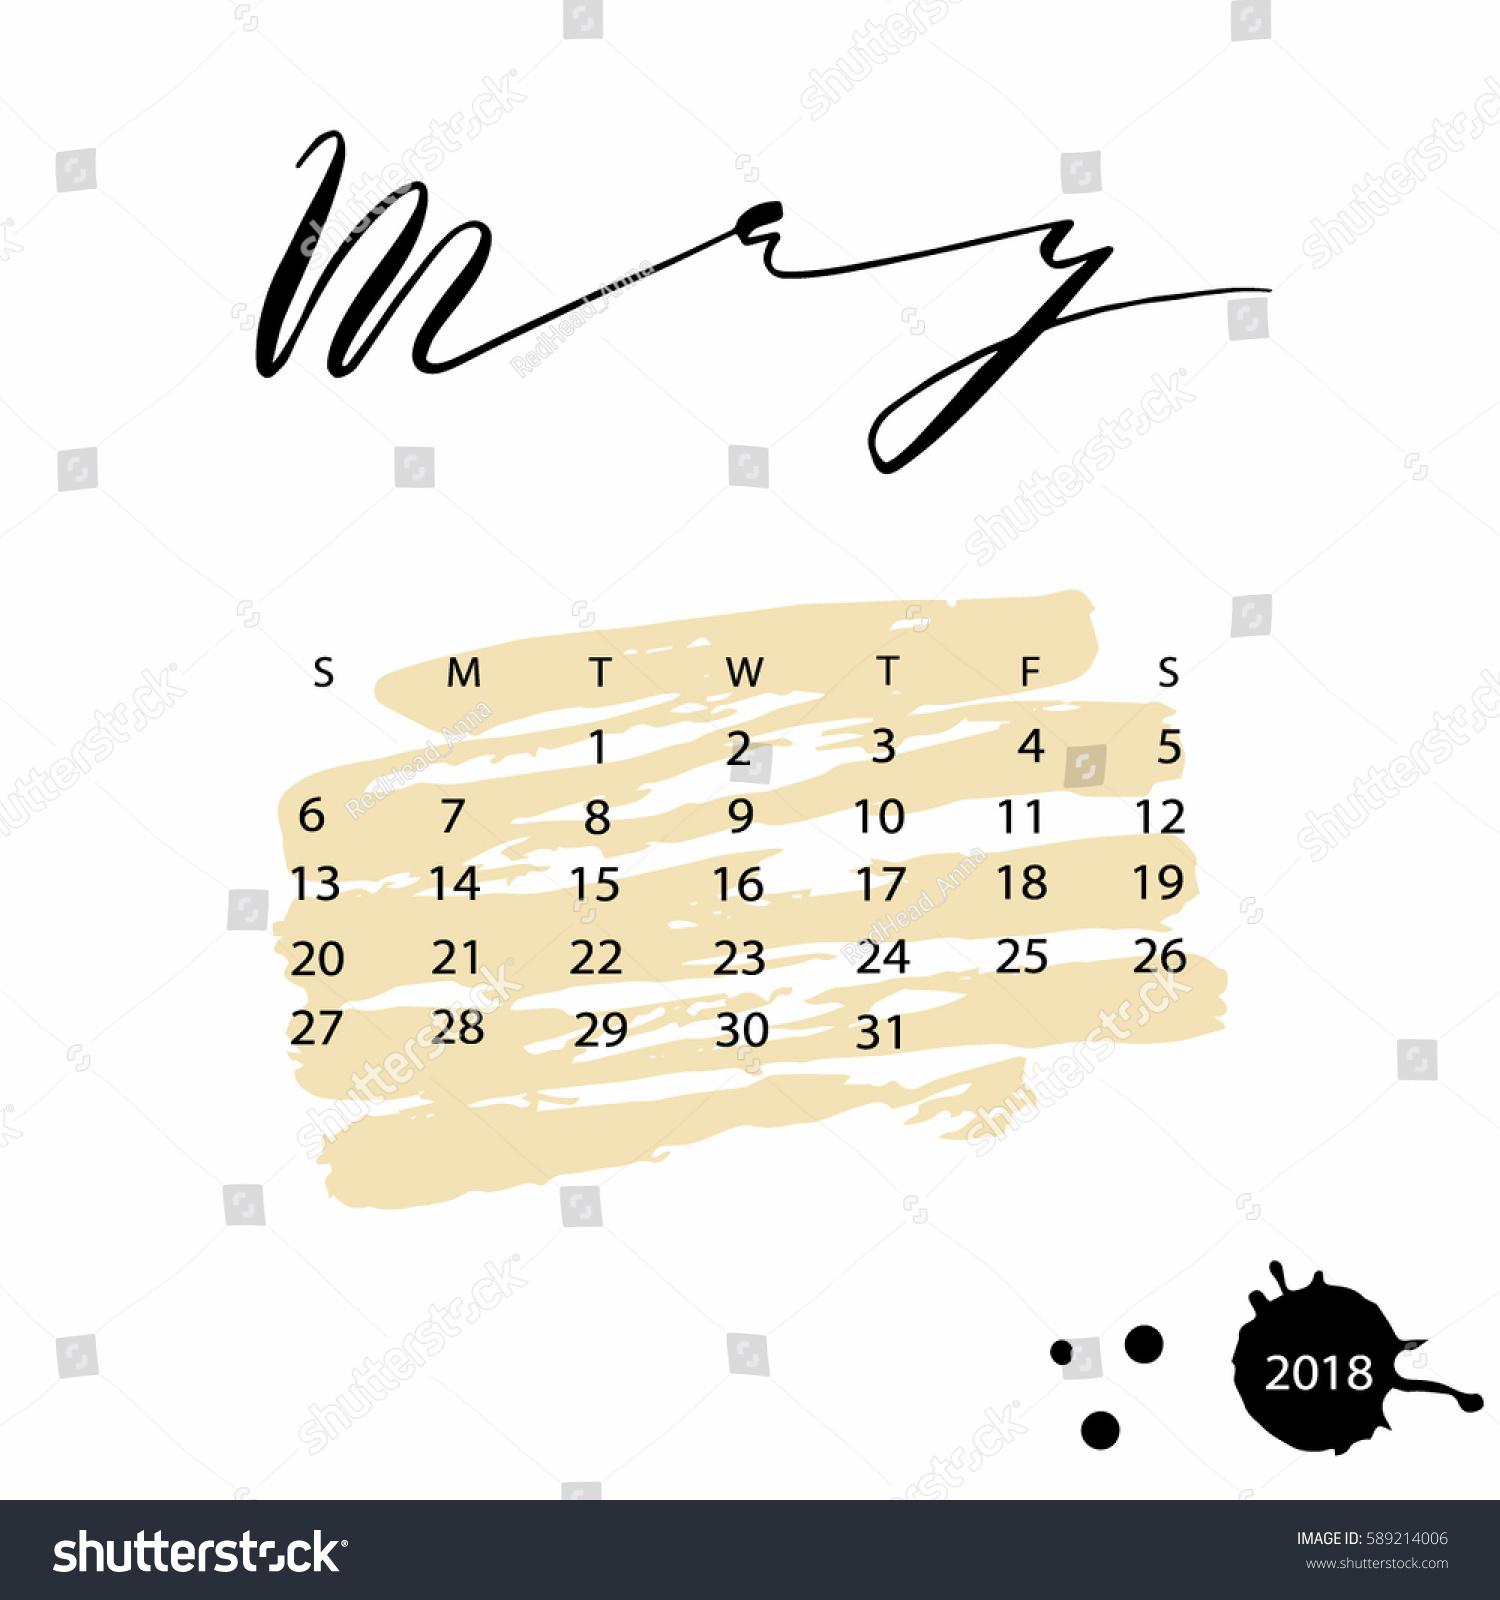 pretty may calendar 2018